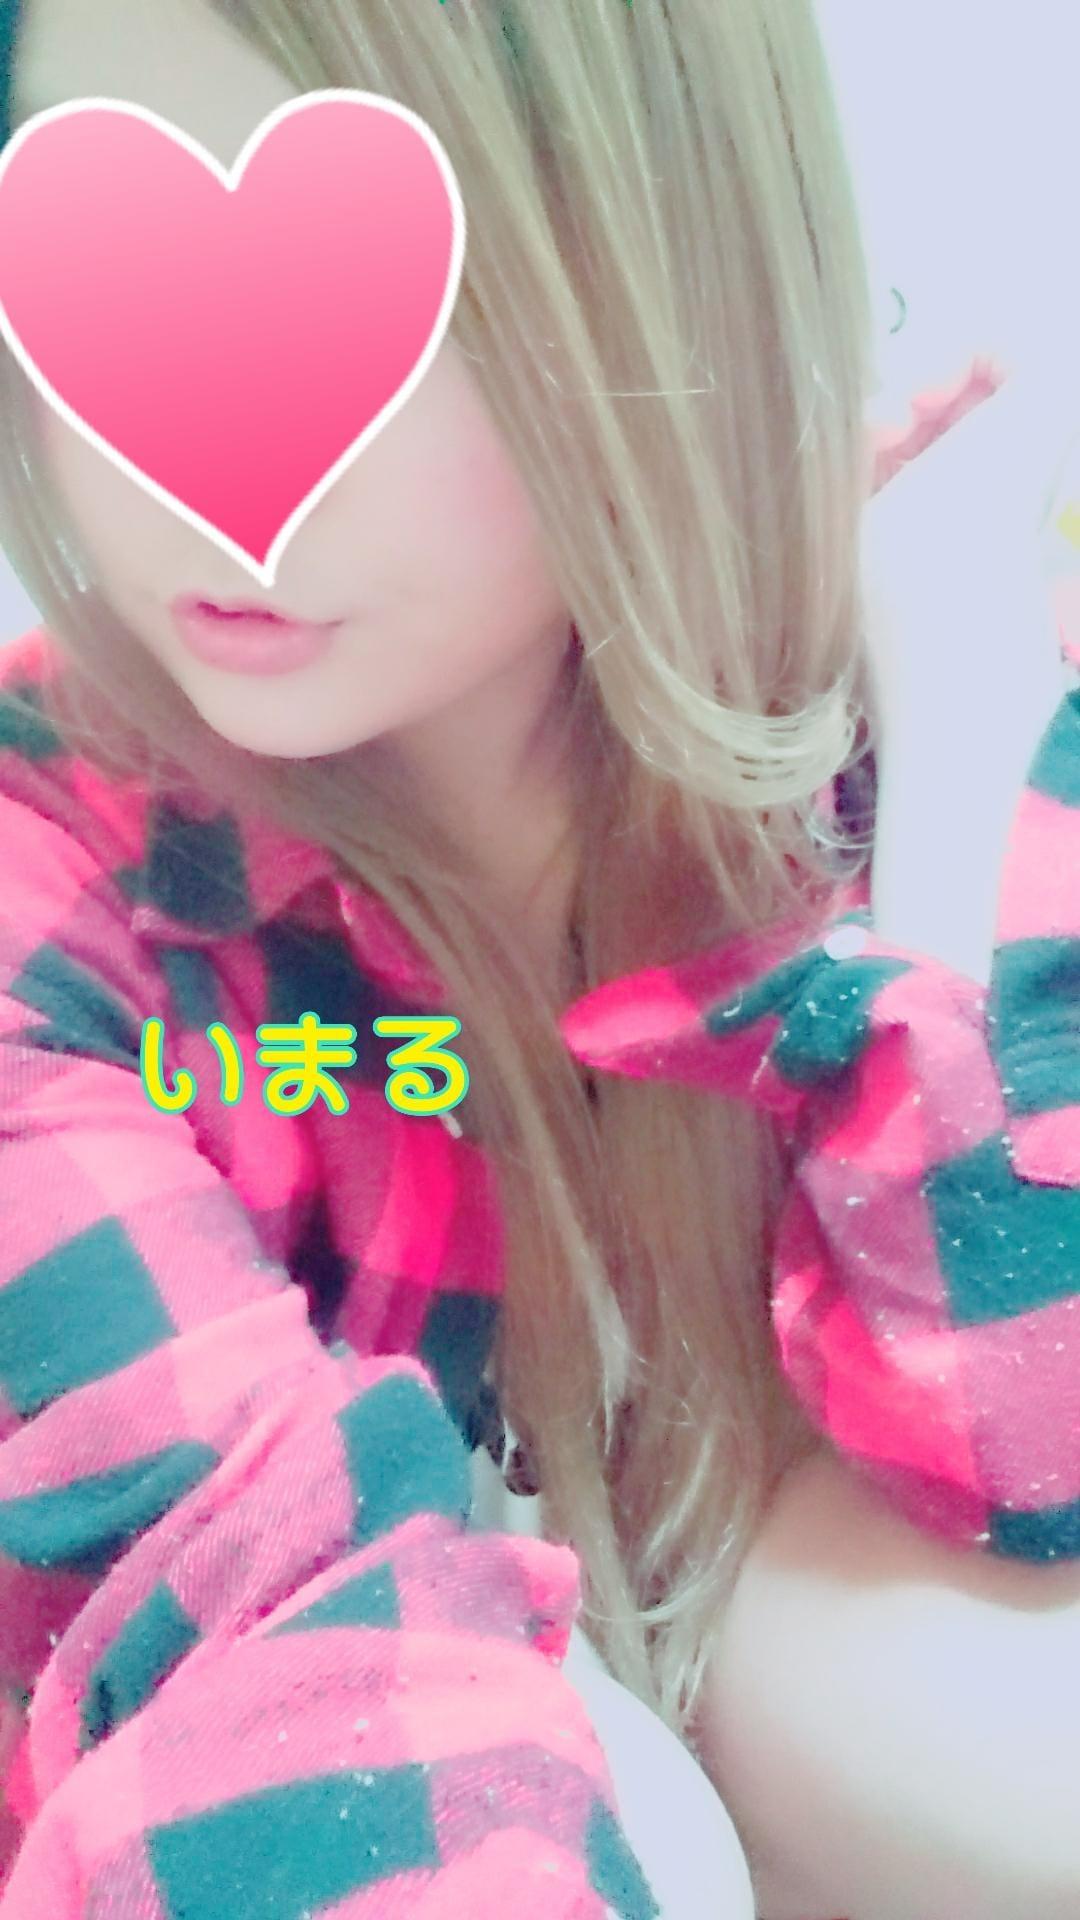 「|*?ω?)???」05/13(月) 02:22 | ☆いまる☆の写メ・風俗動画